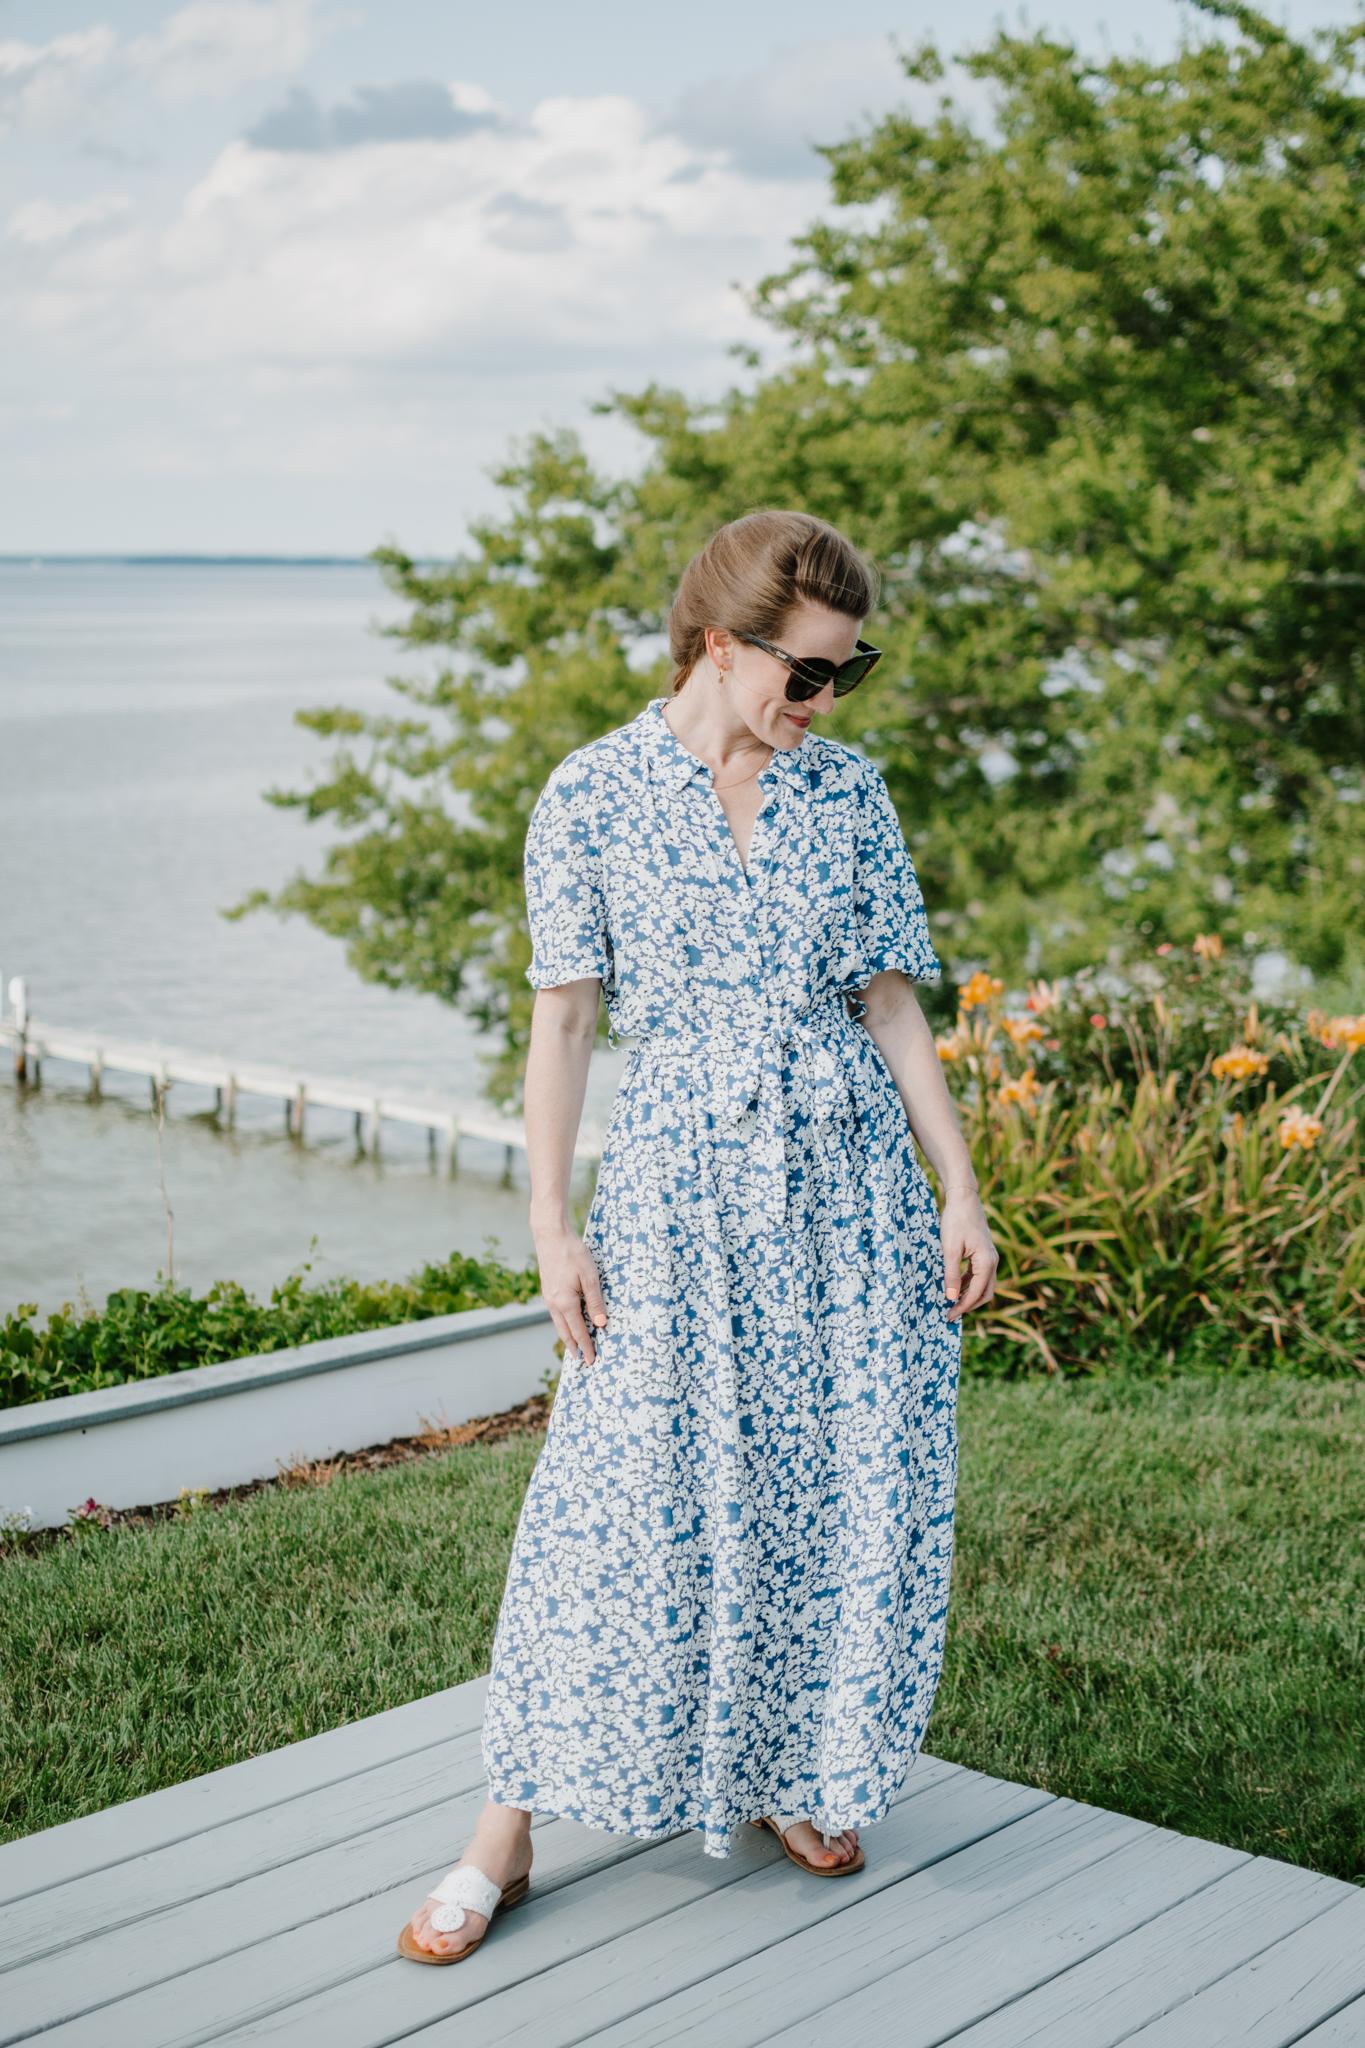 lady day dress - summer shirt dress - royals inspired dress